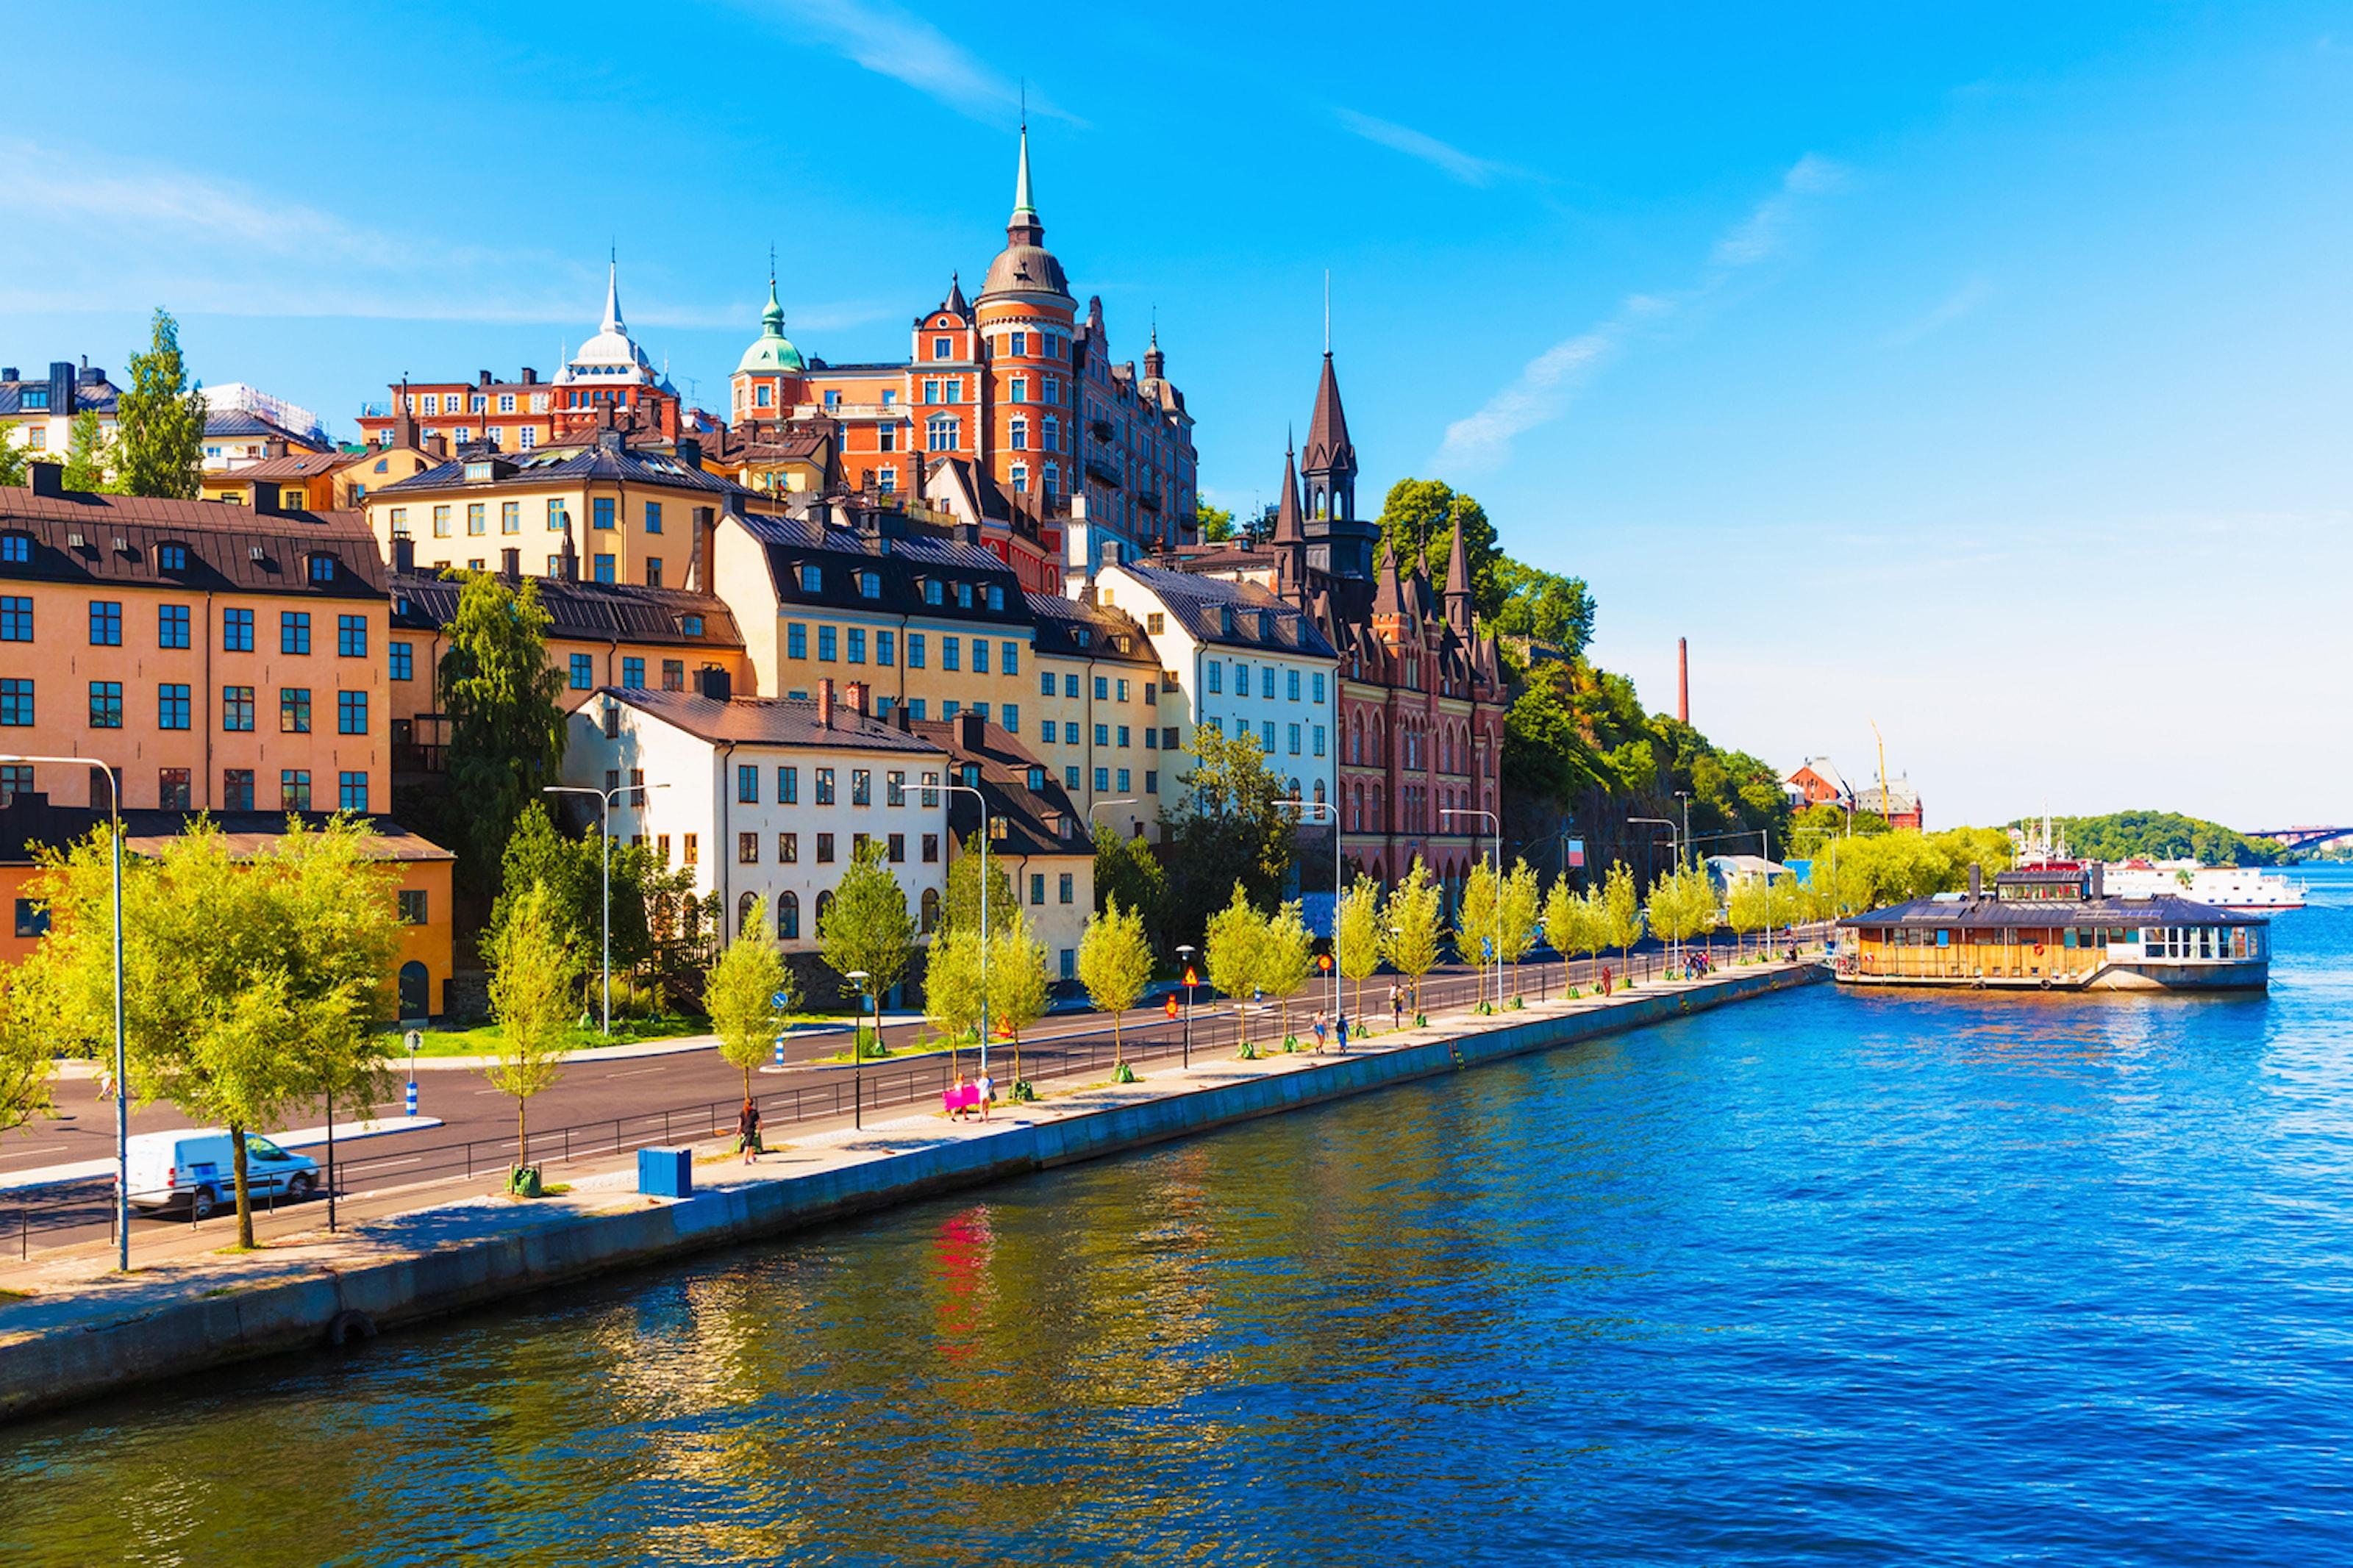 Boende på Kungsholmen i Stockholm